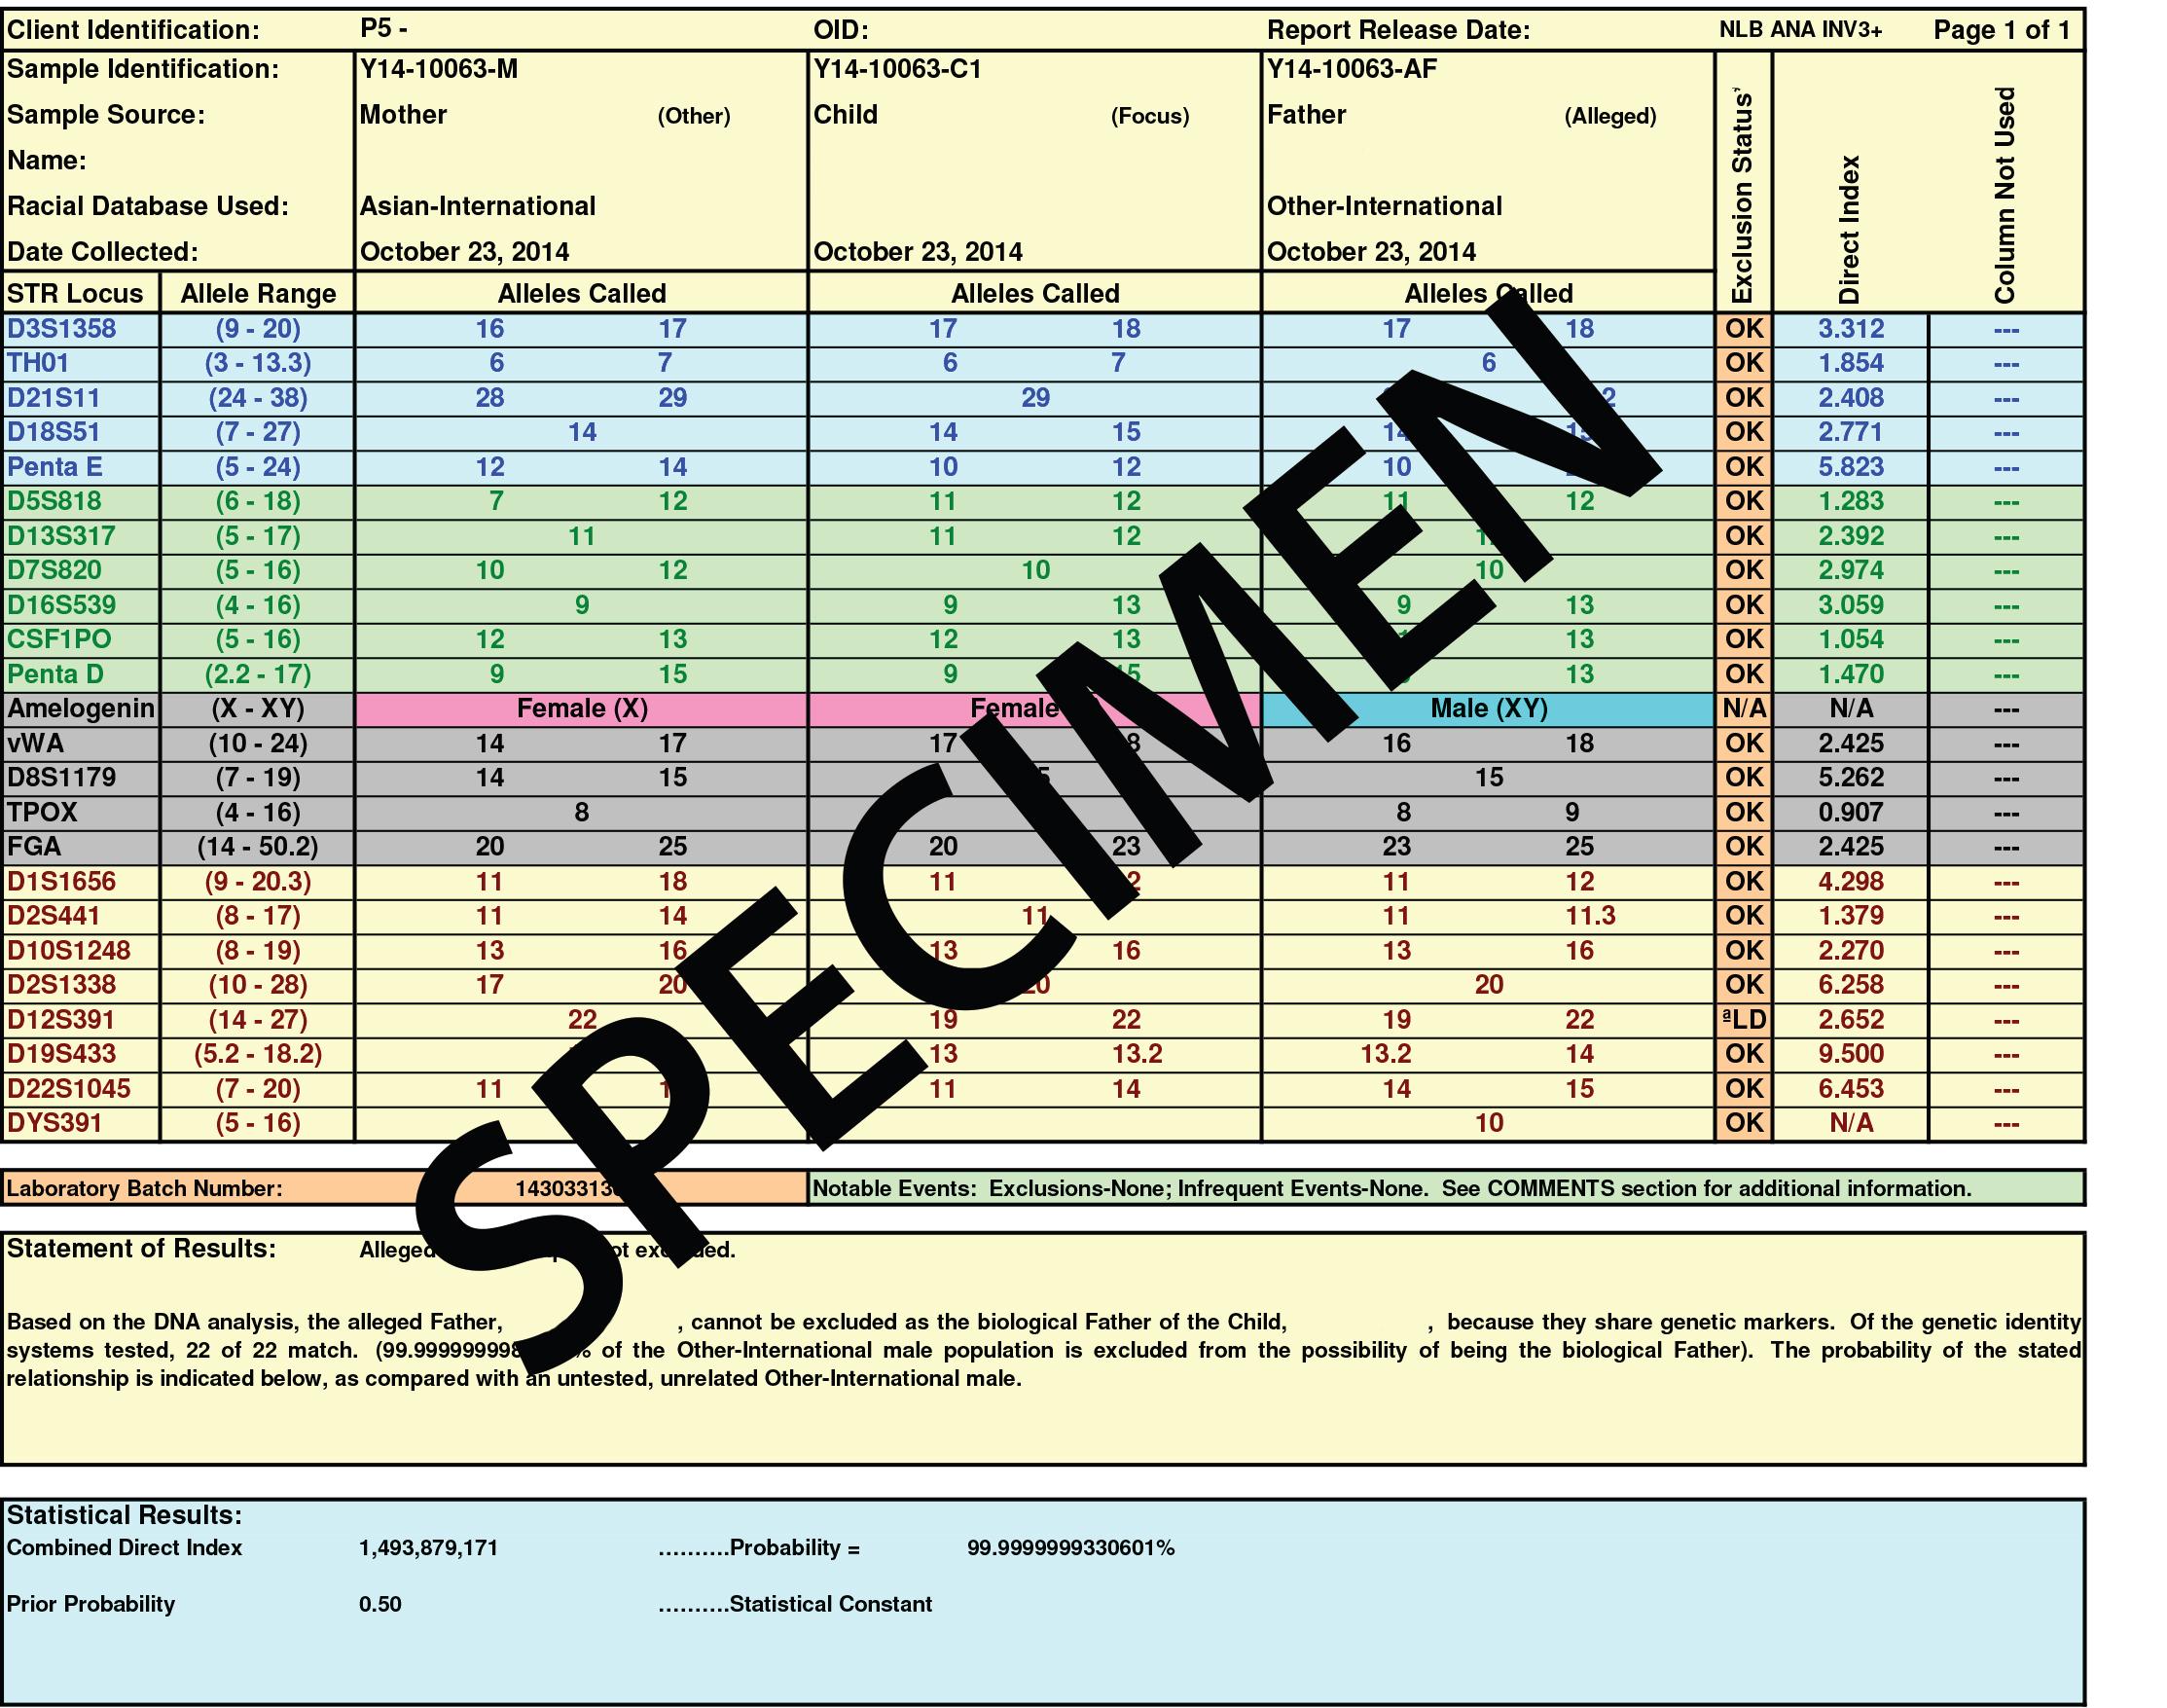 DNA Test - Report con risultato positivo